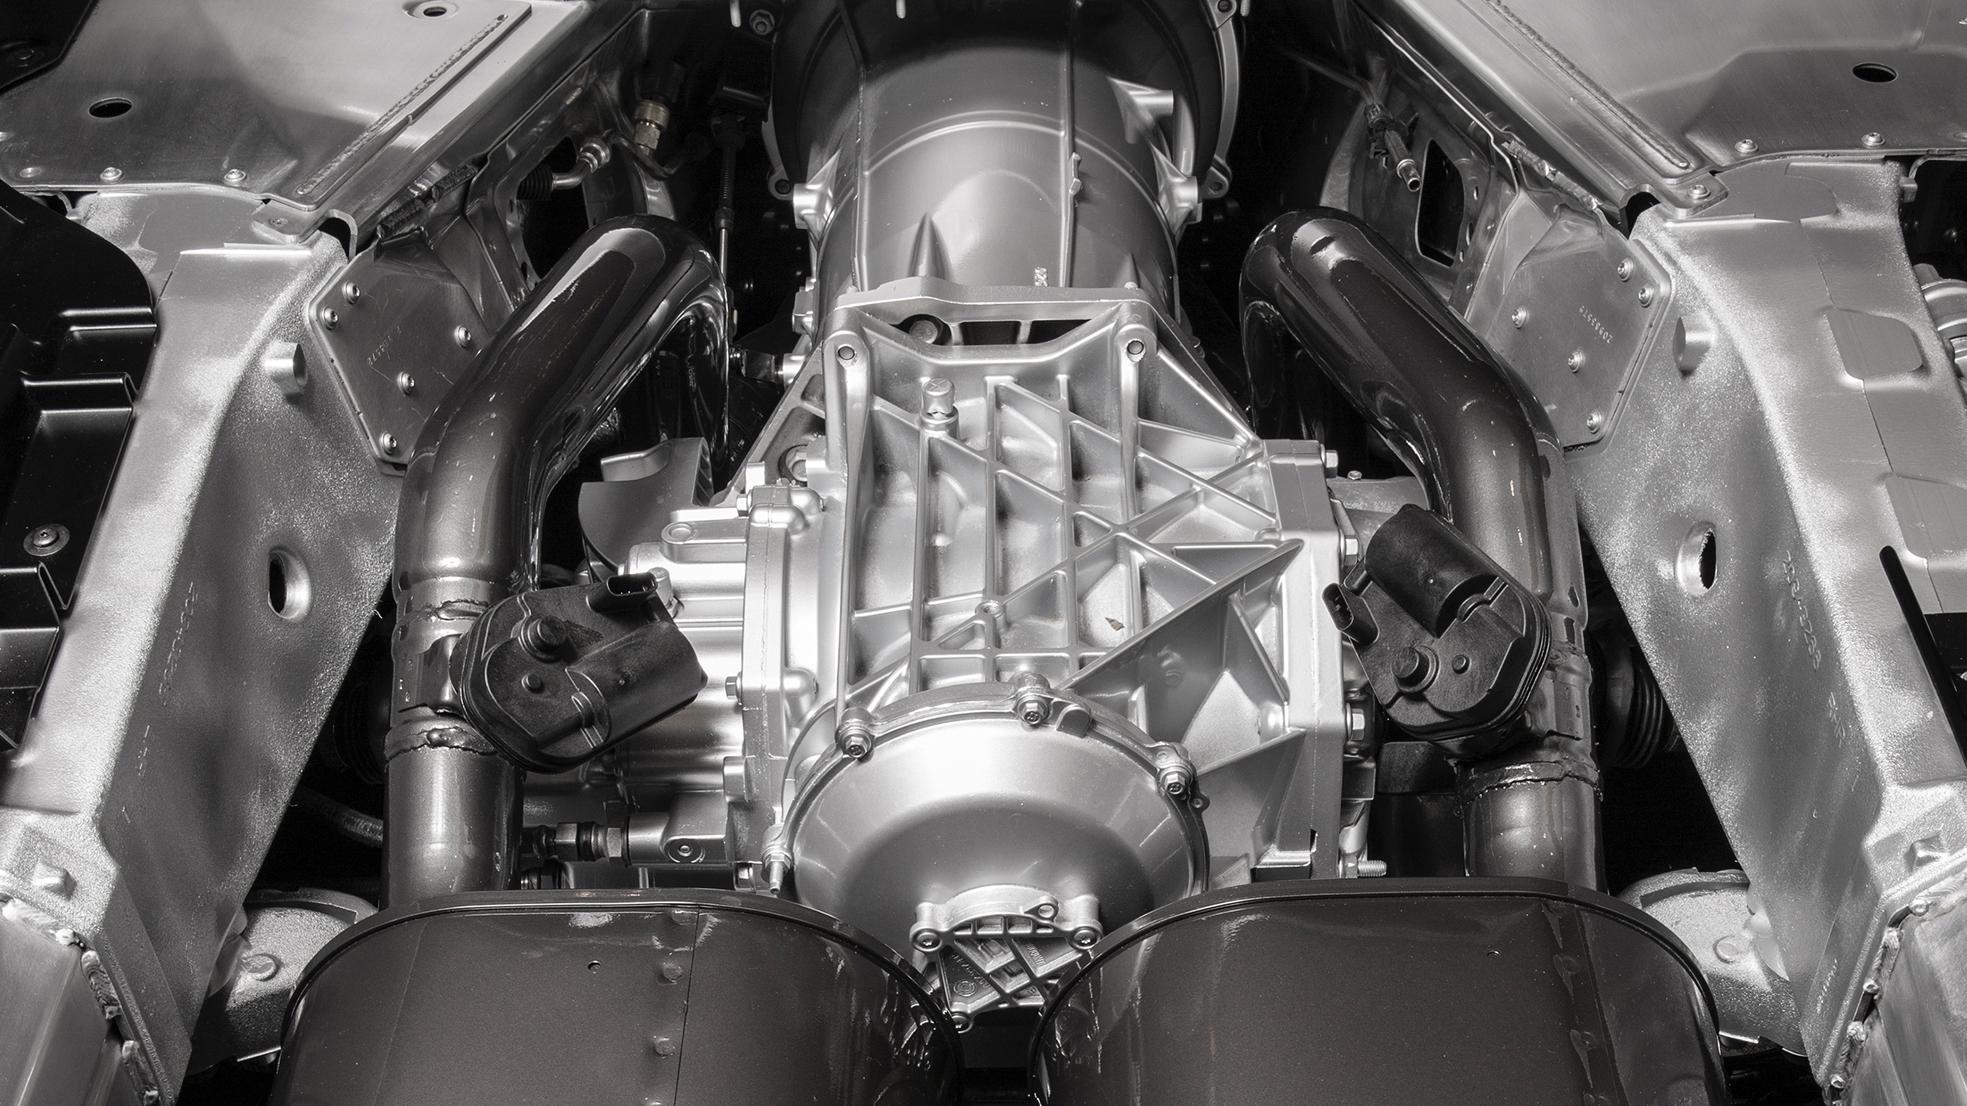 2015 Chevrolet Corvette Z06 limited-slip differential